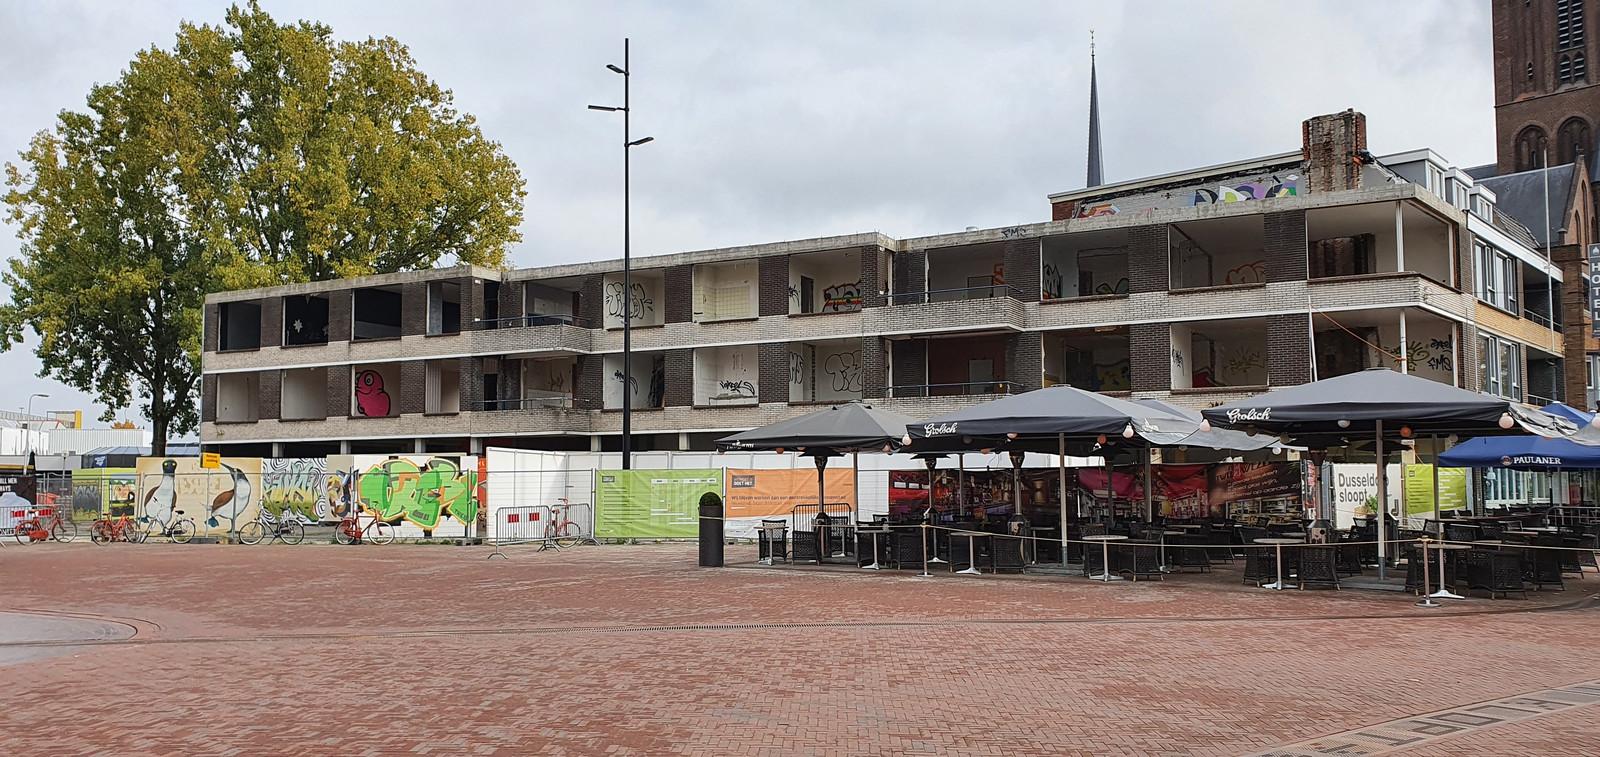 Het Burgemeester Jansenplein met uitzicht op het 'Ebenau-pand' dat moet worden gesloopt. Dat gaat gebeuren in februari 2021.